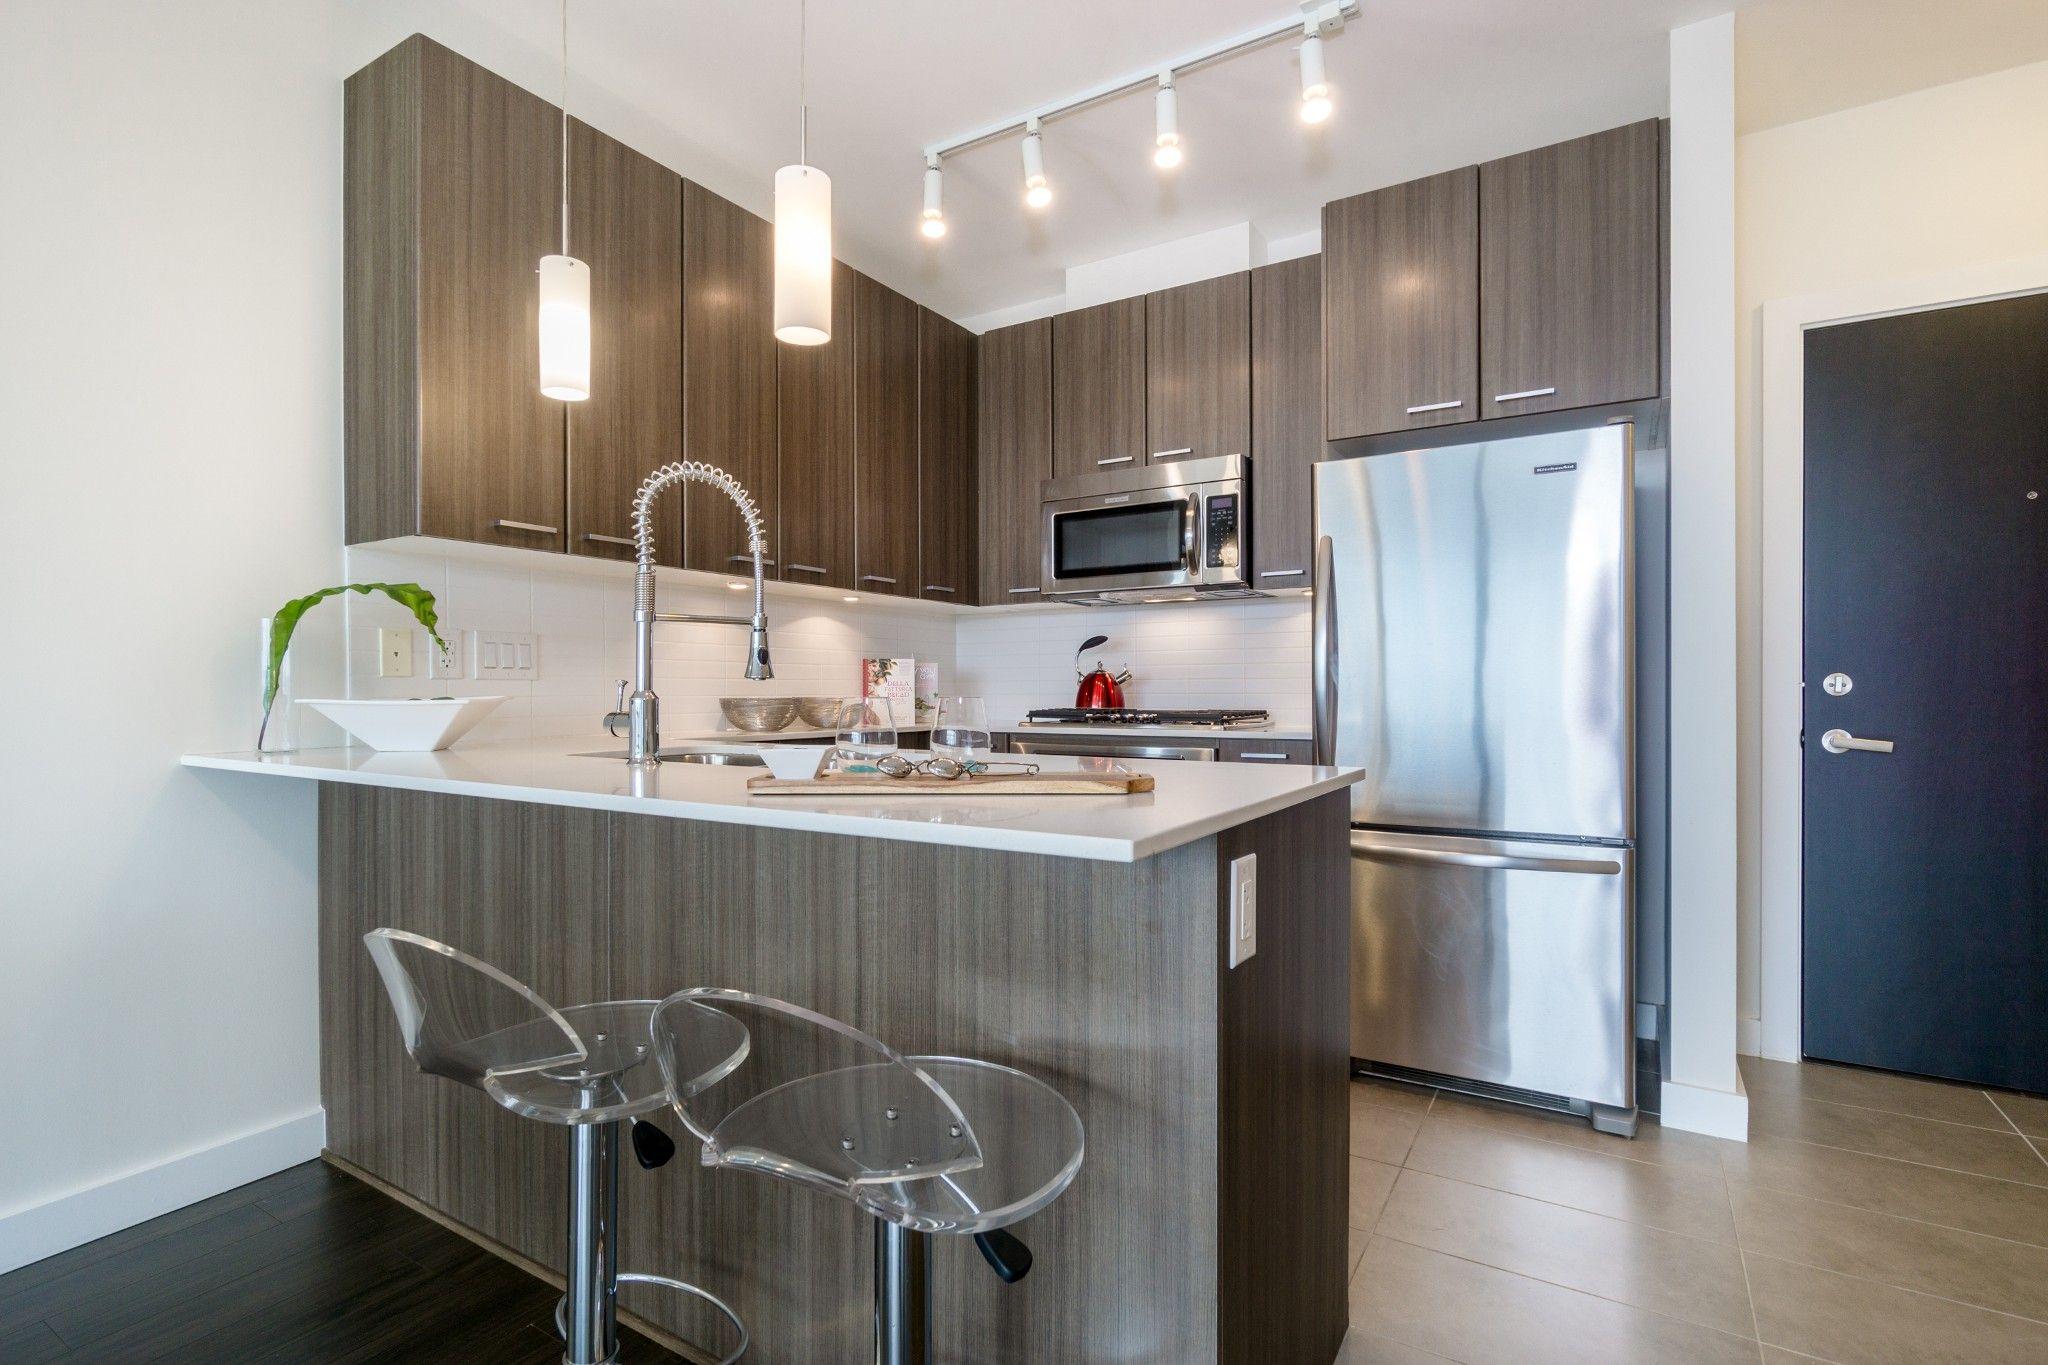 """Photo 3: Photos: 2906 2955 ATLANTIC Avenue in Coquitlam: North Coquitlam Condo for sale in """"OASIS"""" : MLS®# R2274297"""